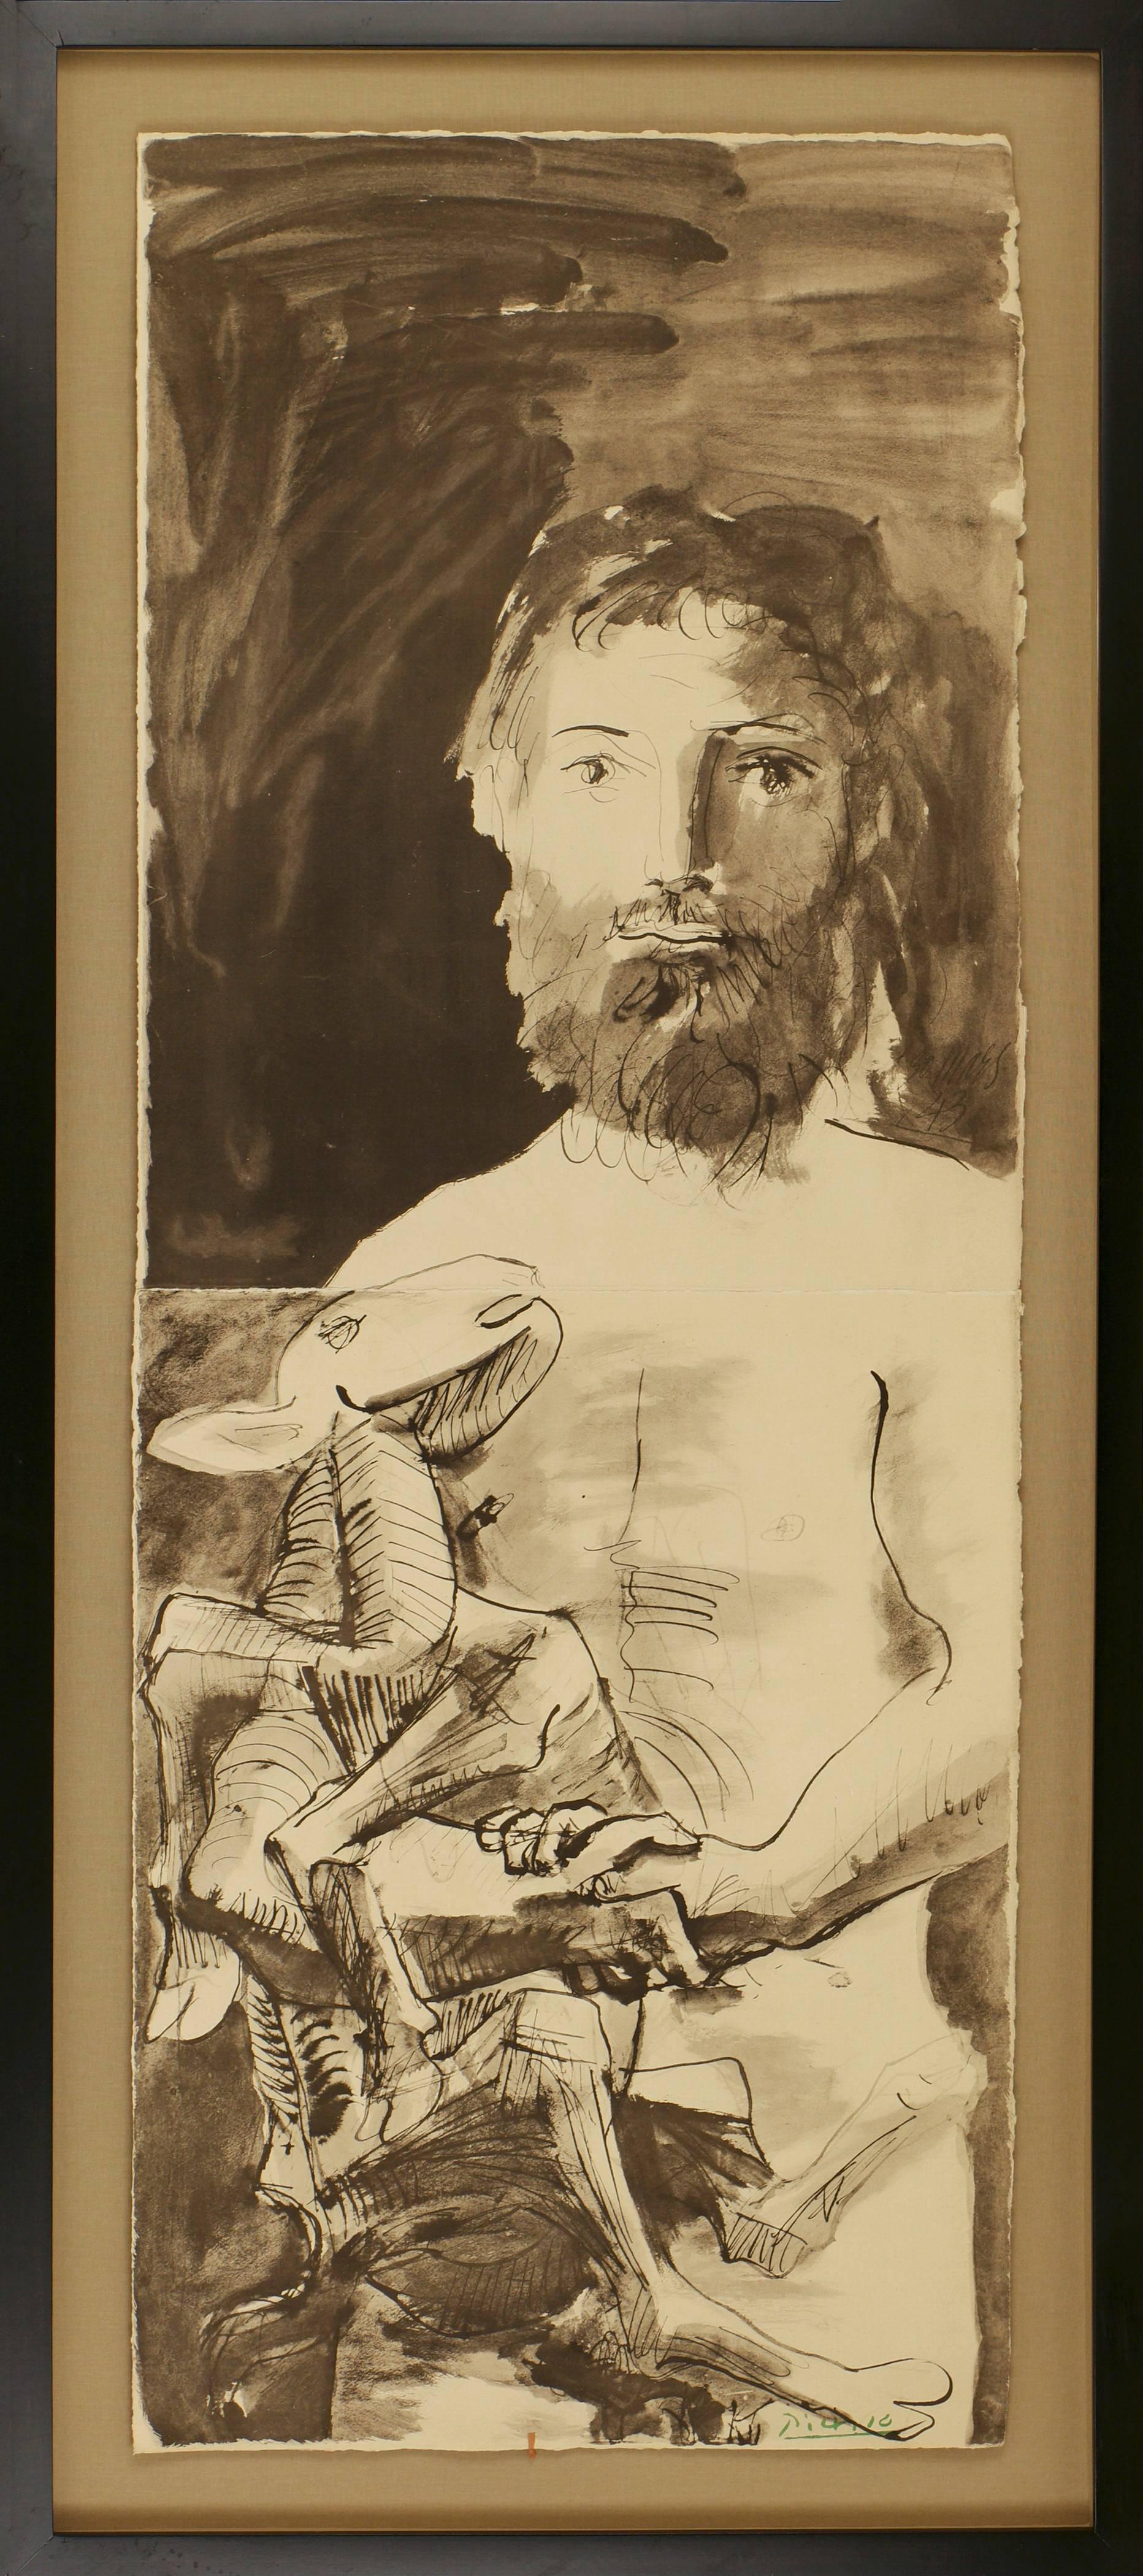 Etude pour L'Homme au Mouton by Pablo Picasso